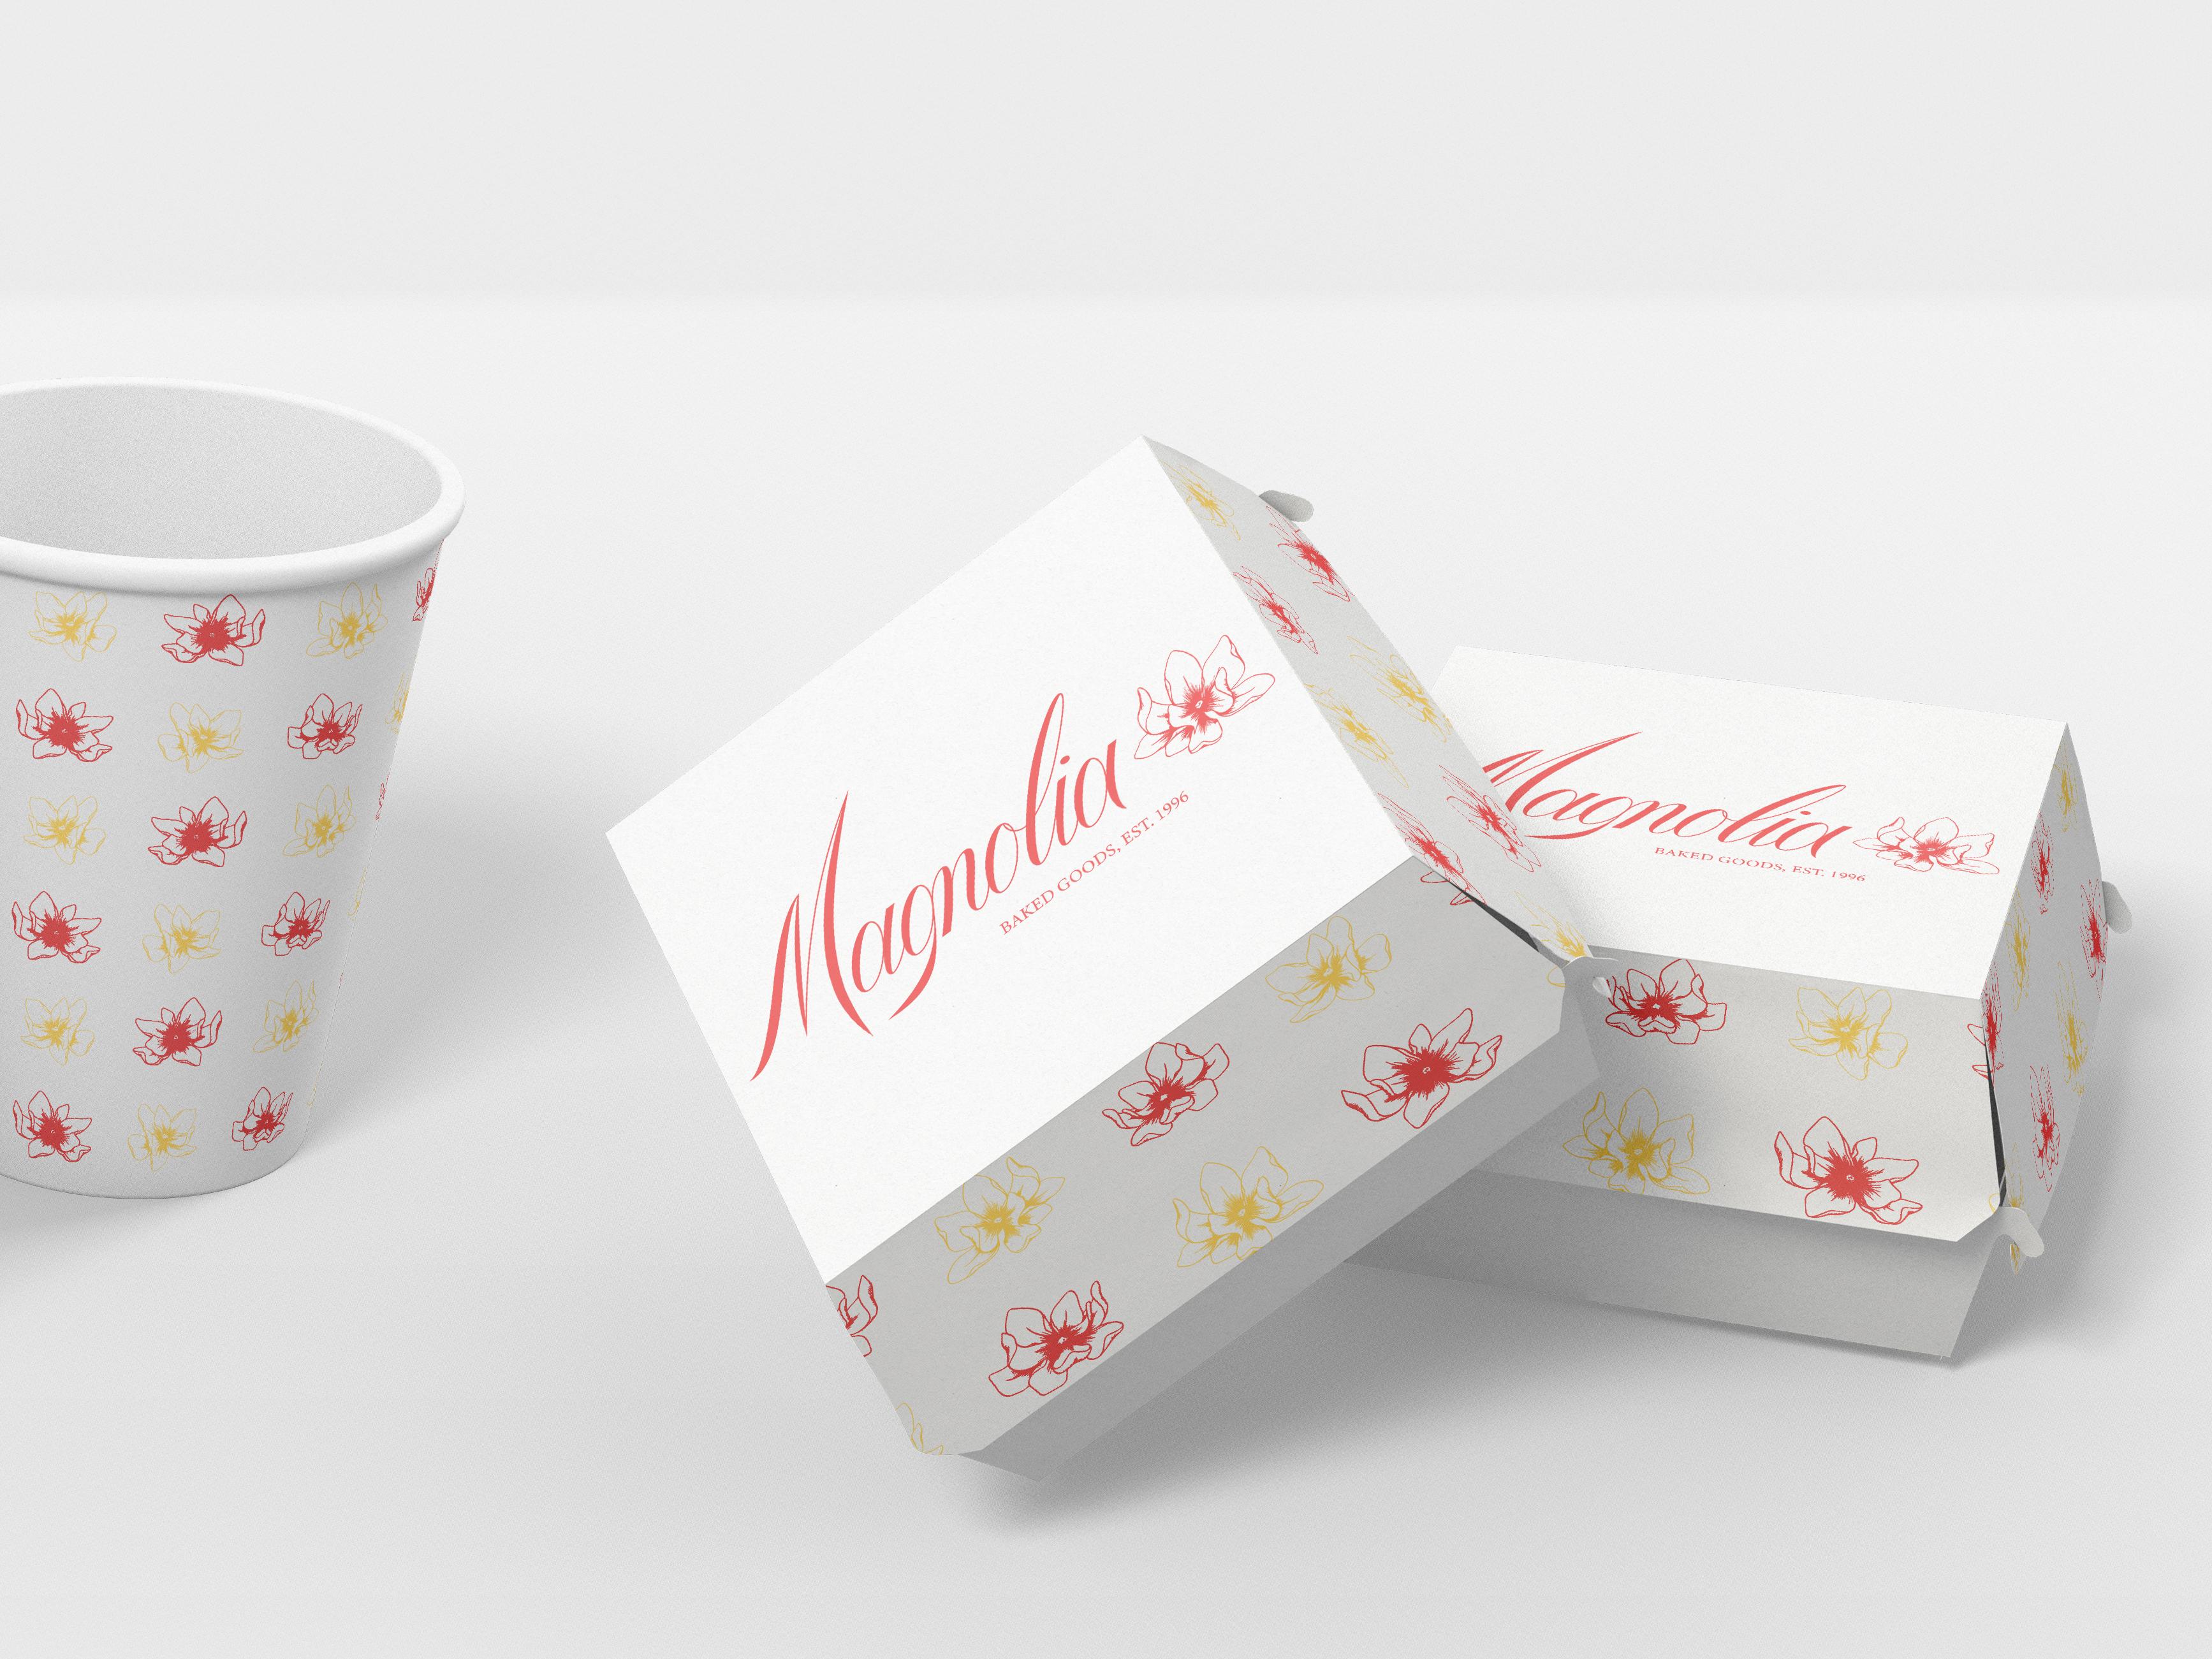 Magnolia  cups   boxest